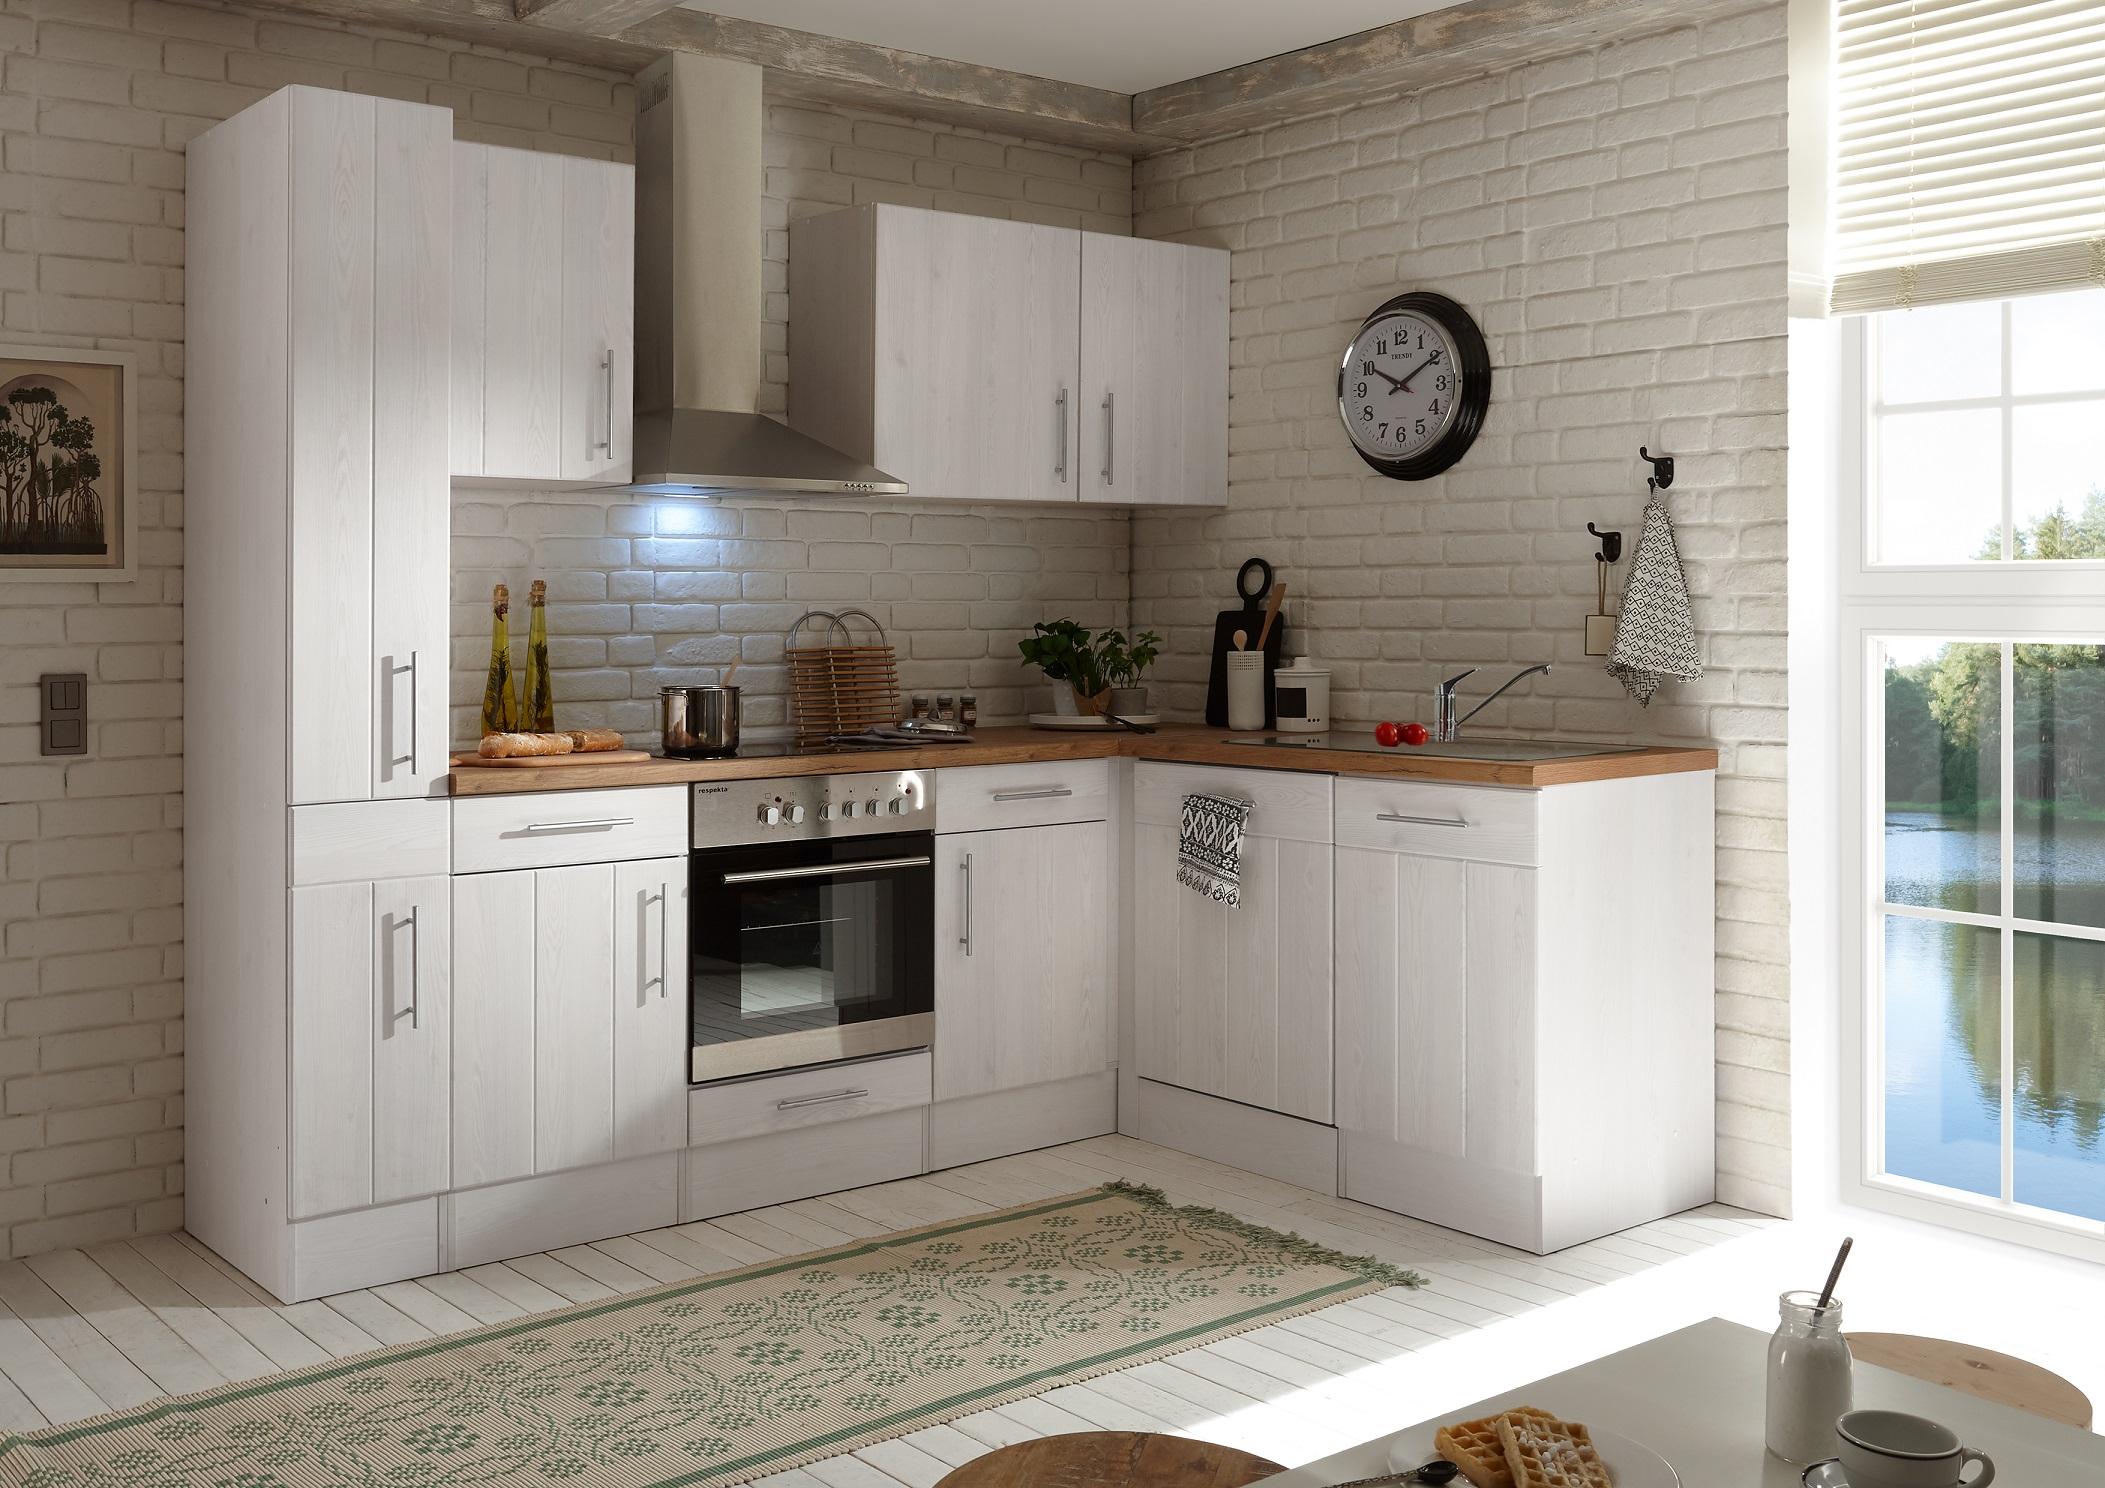 Winkelküche Landhaus Küchenzeile Einbauküche L-Form Küche 250 x 172 cm respekta